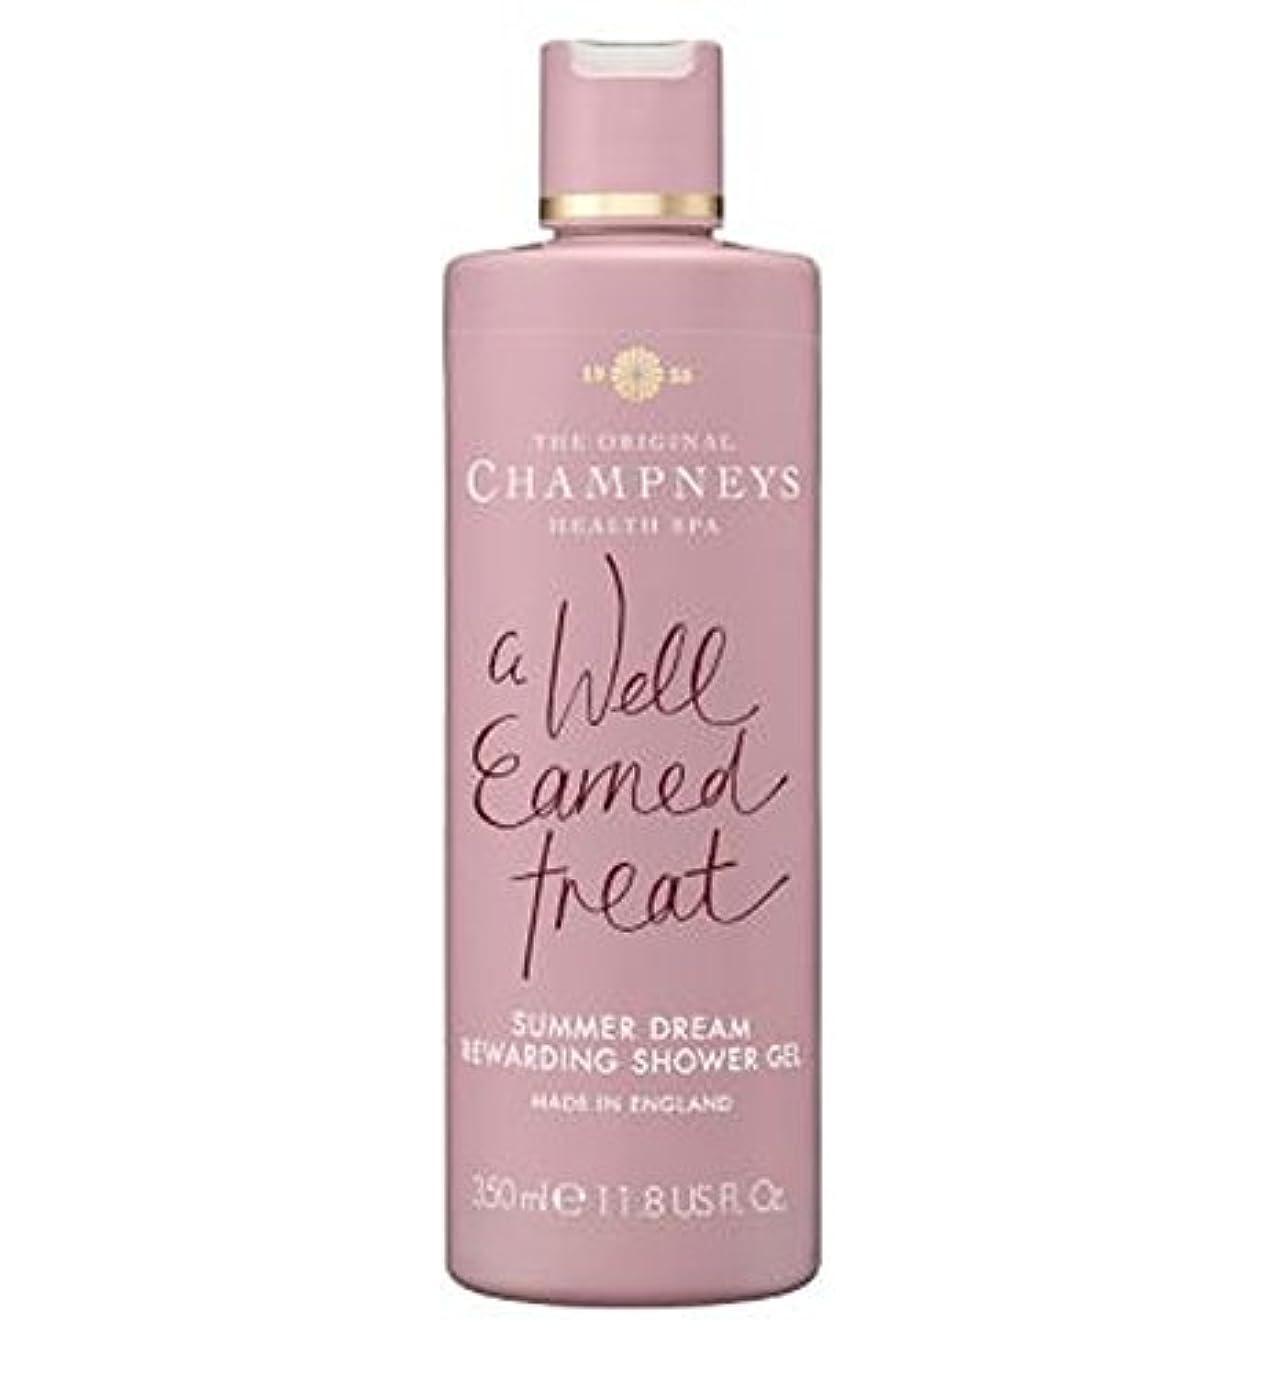 戸棚シャークギャロップChampneys Summer Dream Rewarding Shower Gel 350ml - チャンプニーズの夏の夢やりがいのシャワージェル350ミリリットル (Champneys) [並行輸入品]